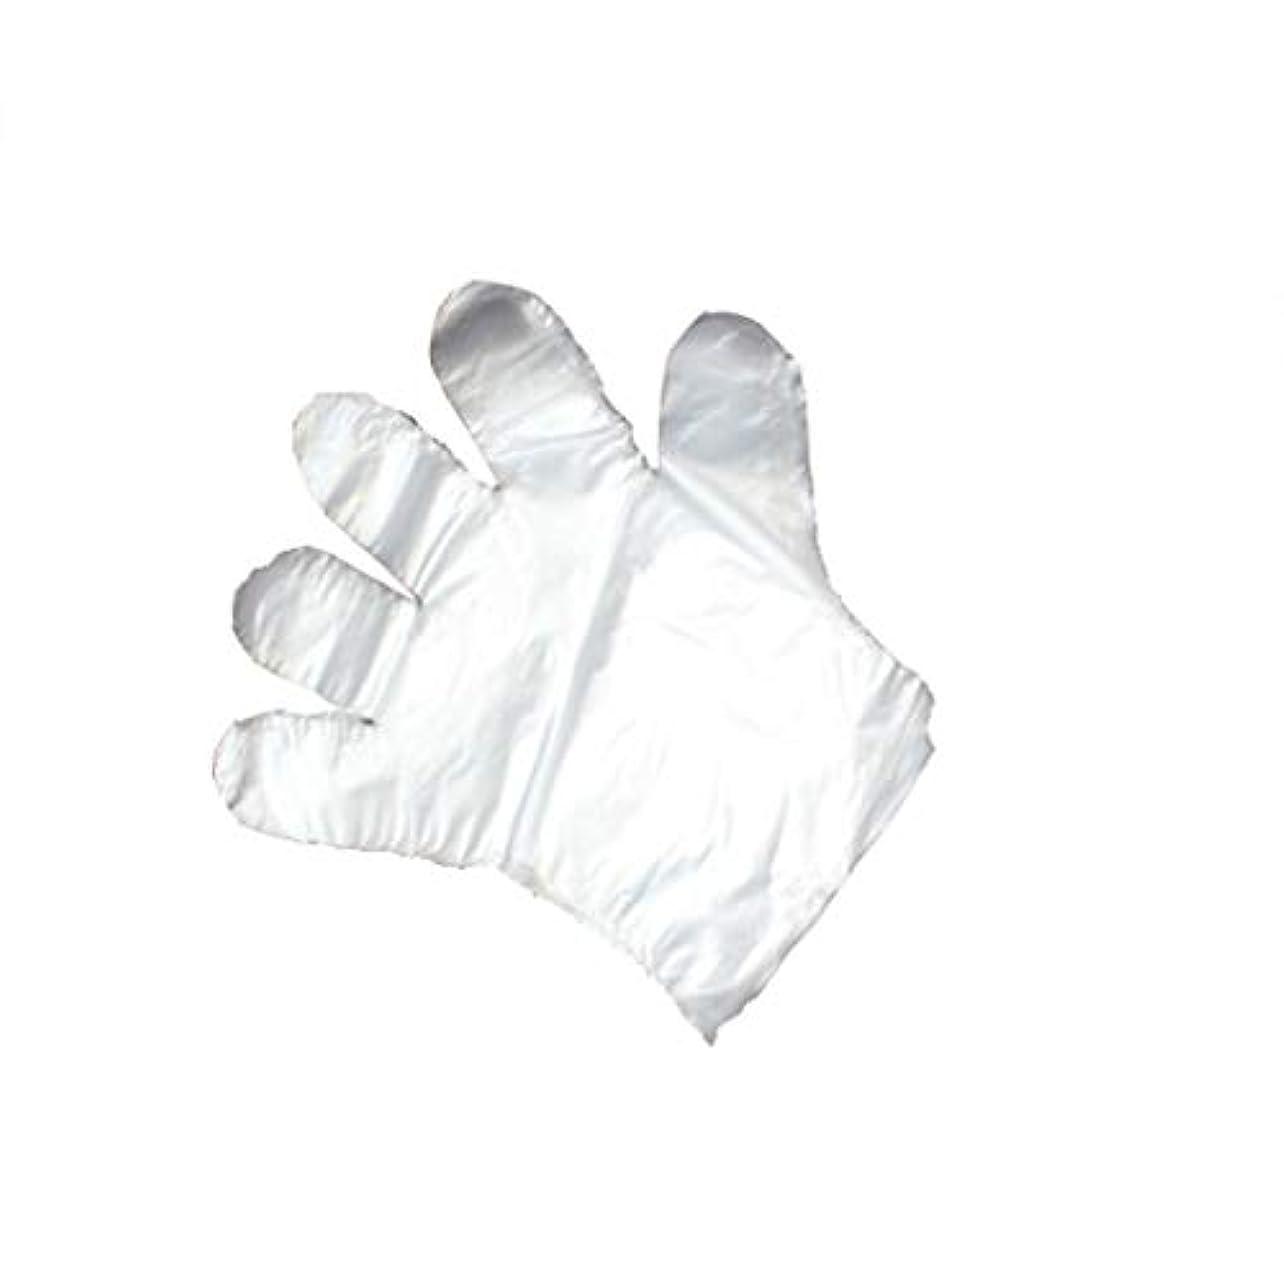 両方セイはさておきリファイン手袋、使い捨て手袋、透明な肥厚、美しさ、家庭掃除、手袋、白、透明、5パック、500袋。 (UnitCount : 1000)